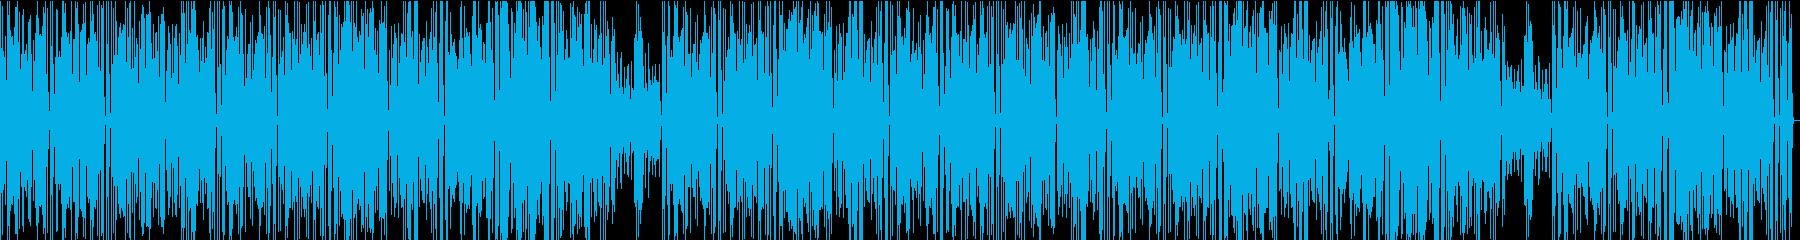 ほのぼの、のんびりした雰囲気のインスト曲の再生済みの波形